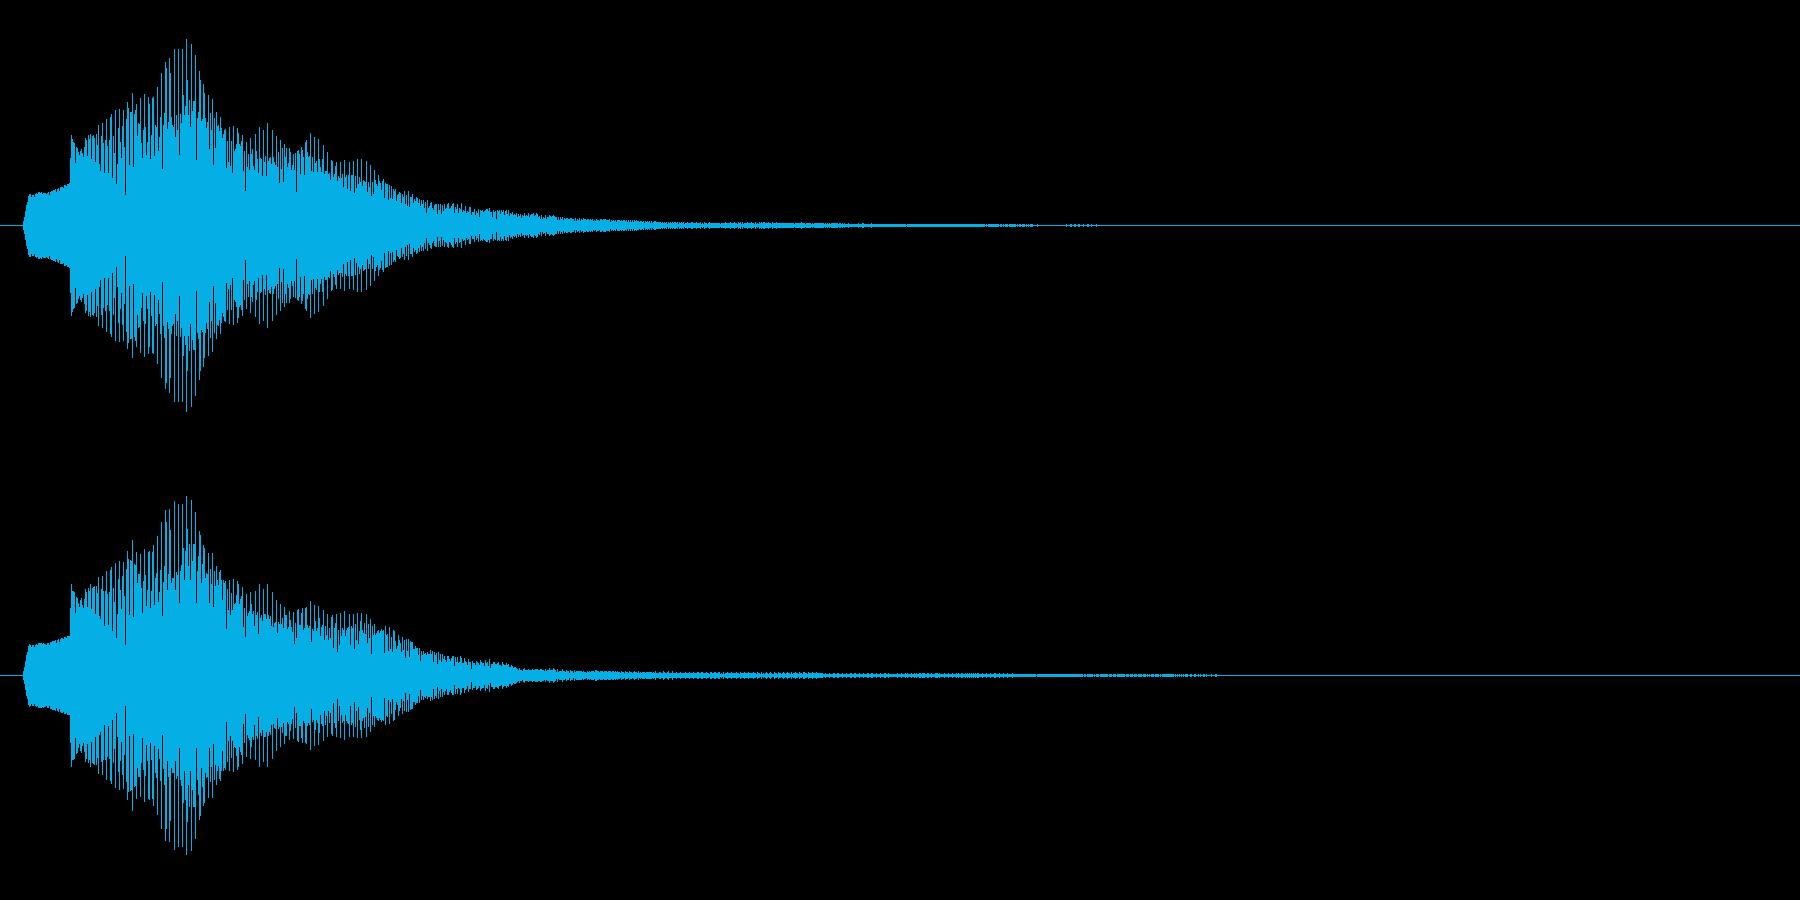 【アクセント】綺麗な決定音(短1)の再生済みの波形